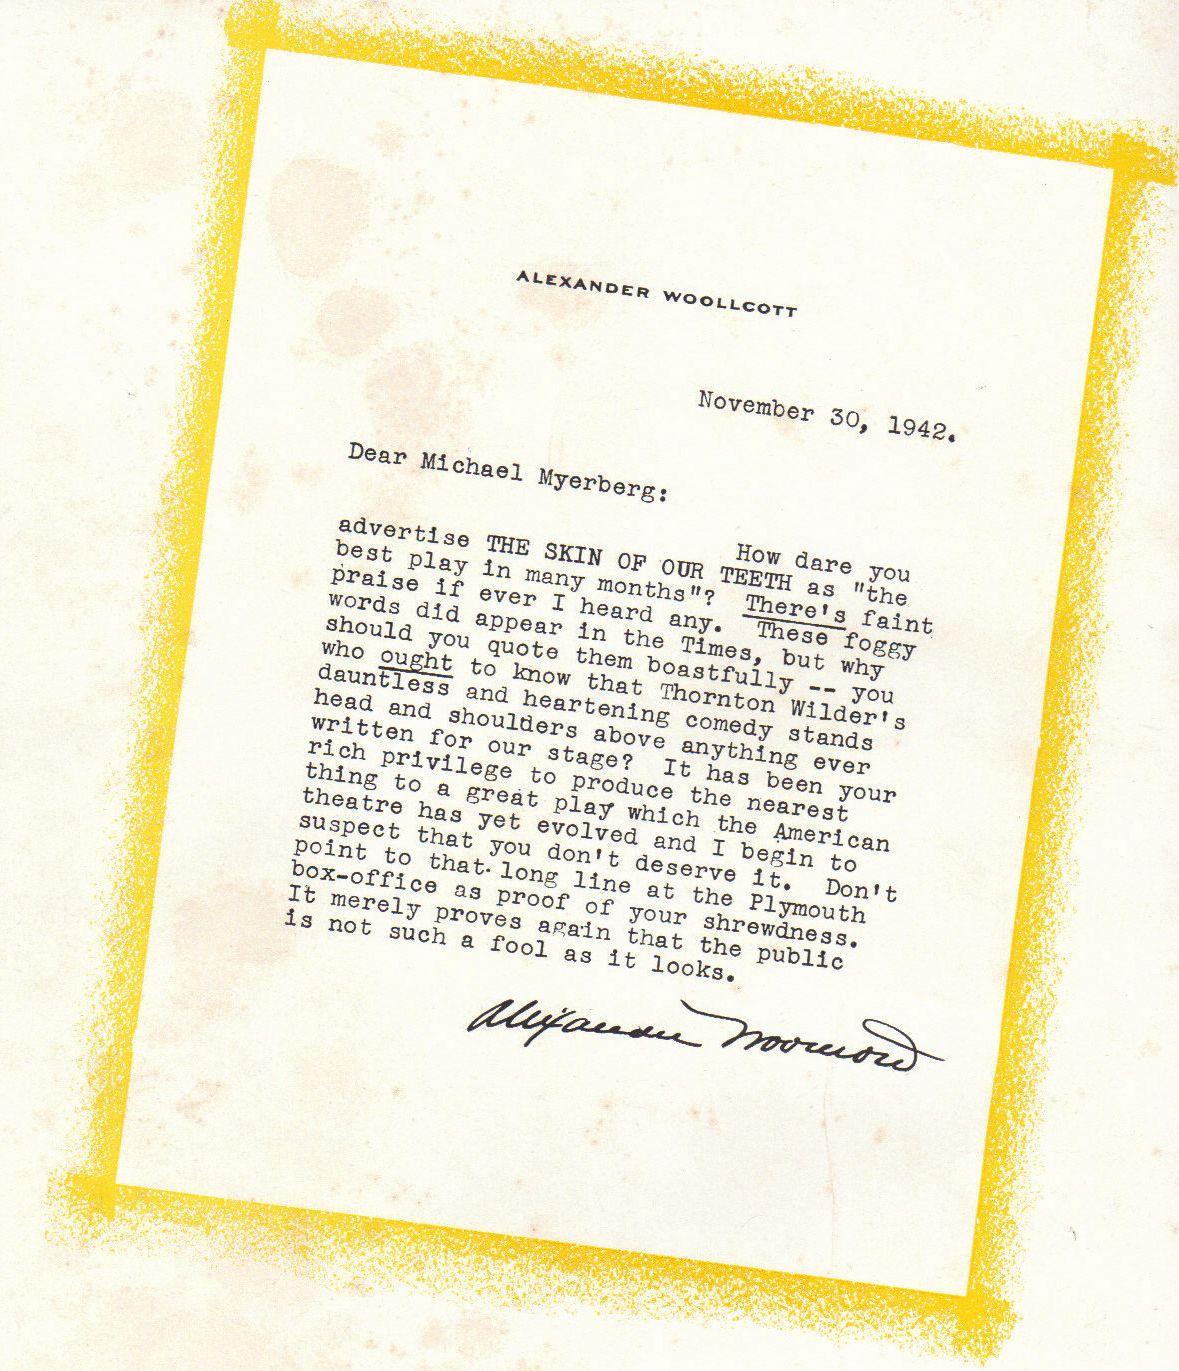 letter-from-alexander-wollcott_5530017648_o.jpg